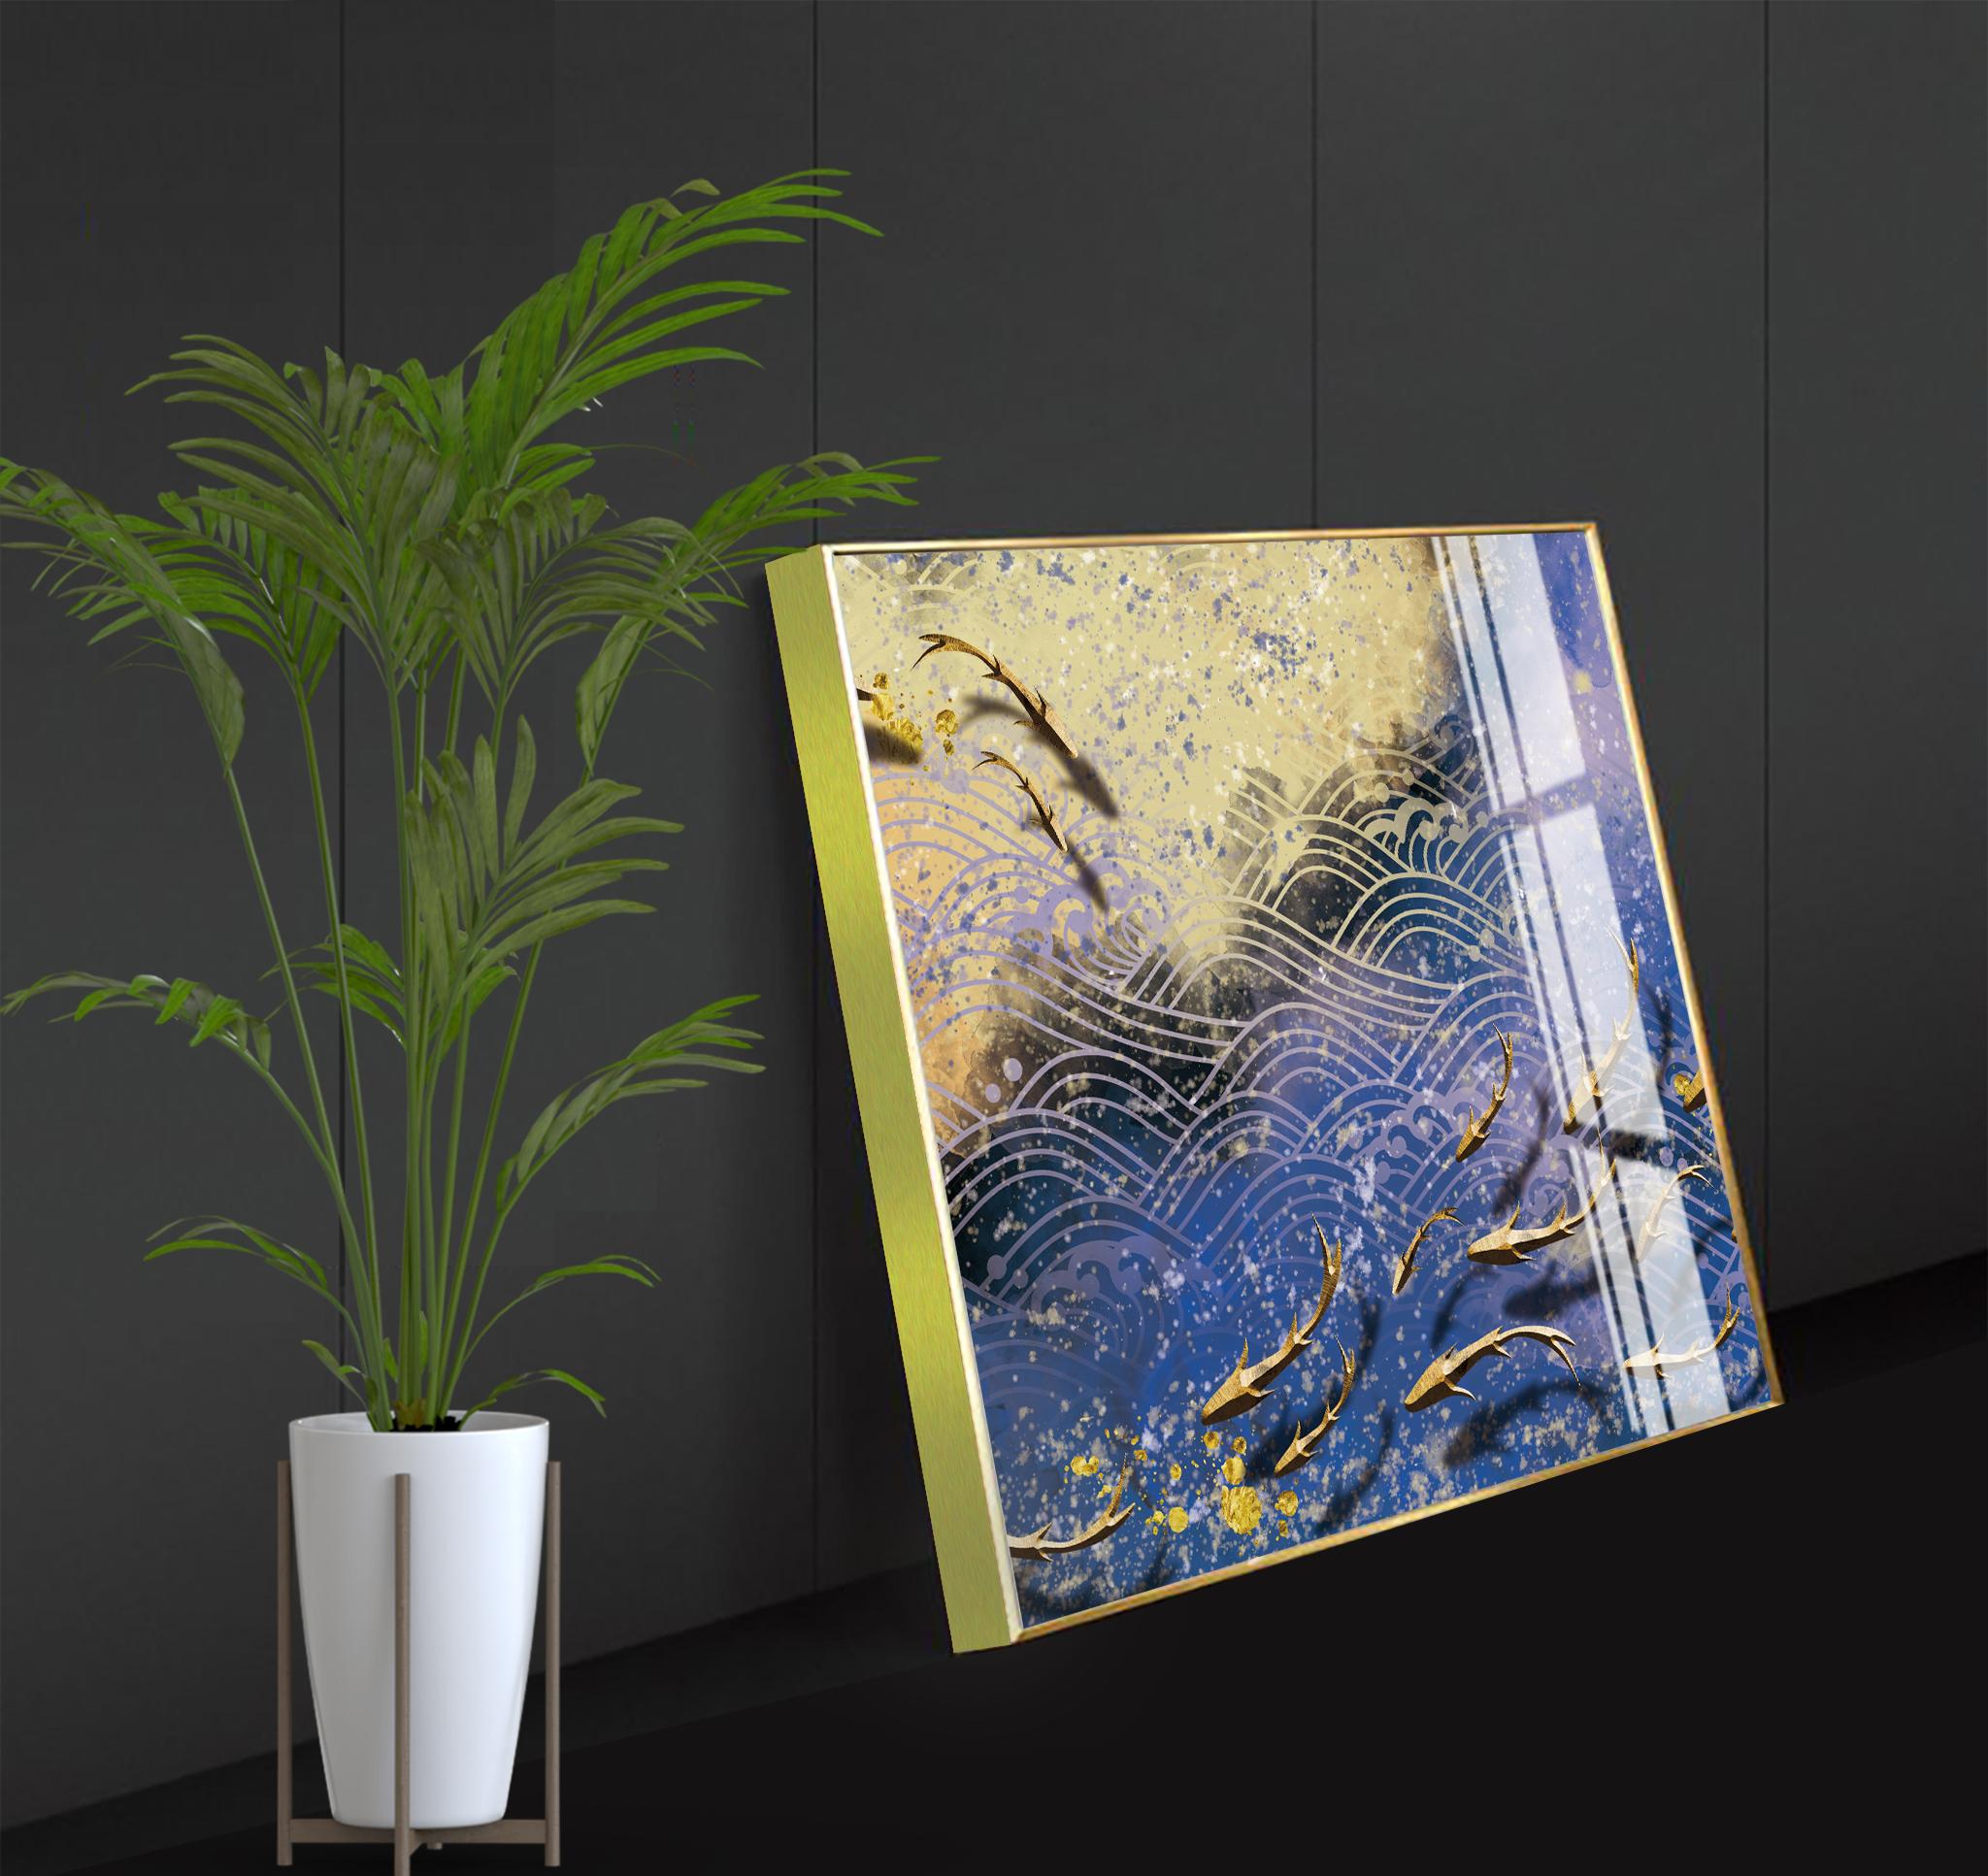 Tranh phong thuỷ Mica 3 bức Đàn cá Koi trừu tượng (Thiên Hà Thủy). Model: AZ3-0113. Khung nhôm hoặc Composite. Hình ảnh sắc nét, sang trọng, phù hợp nhiều không trang trí